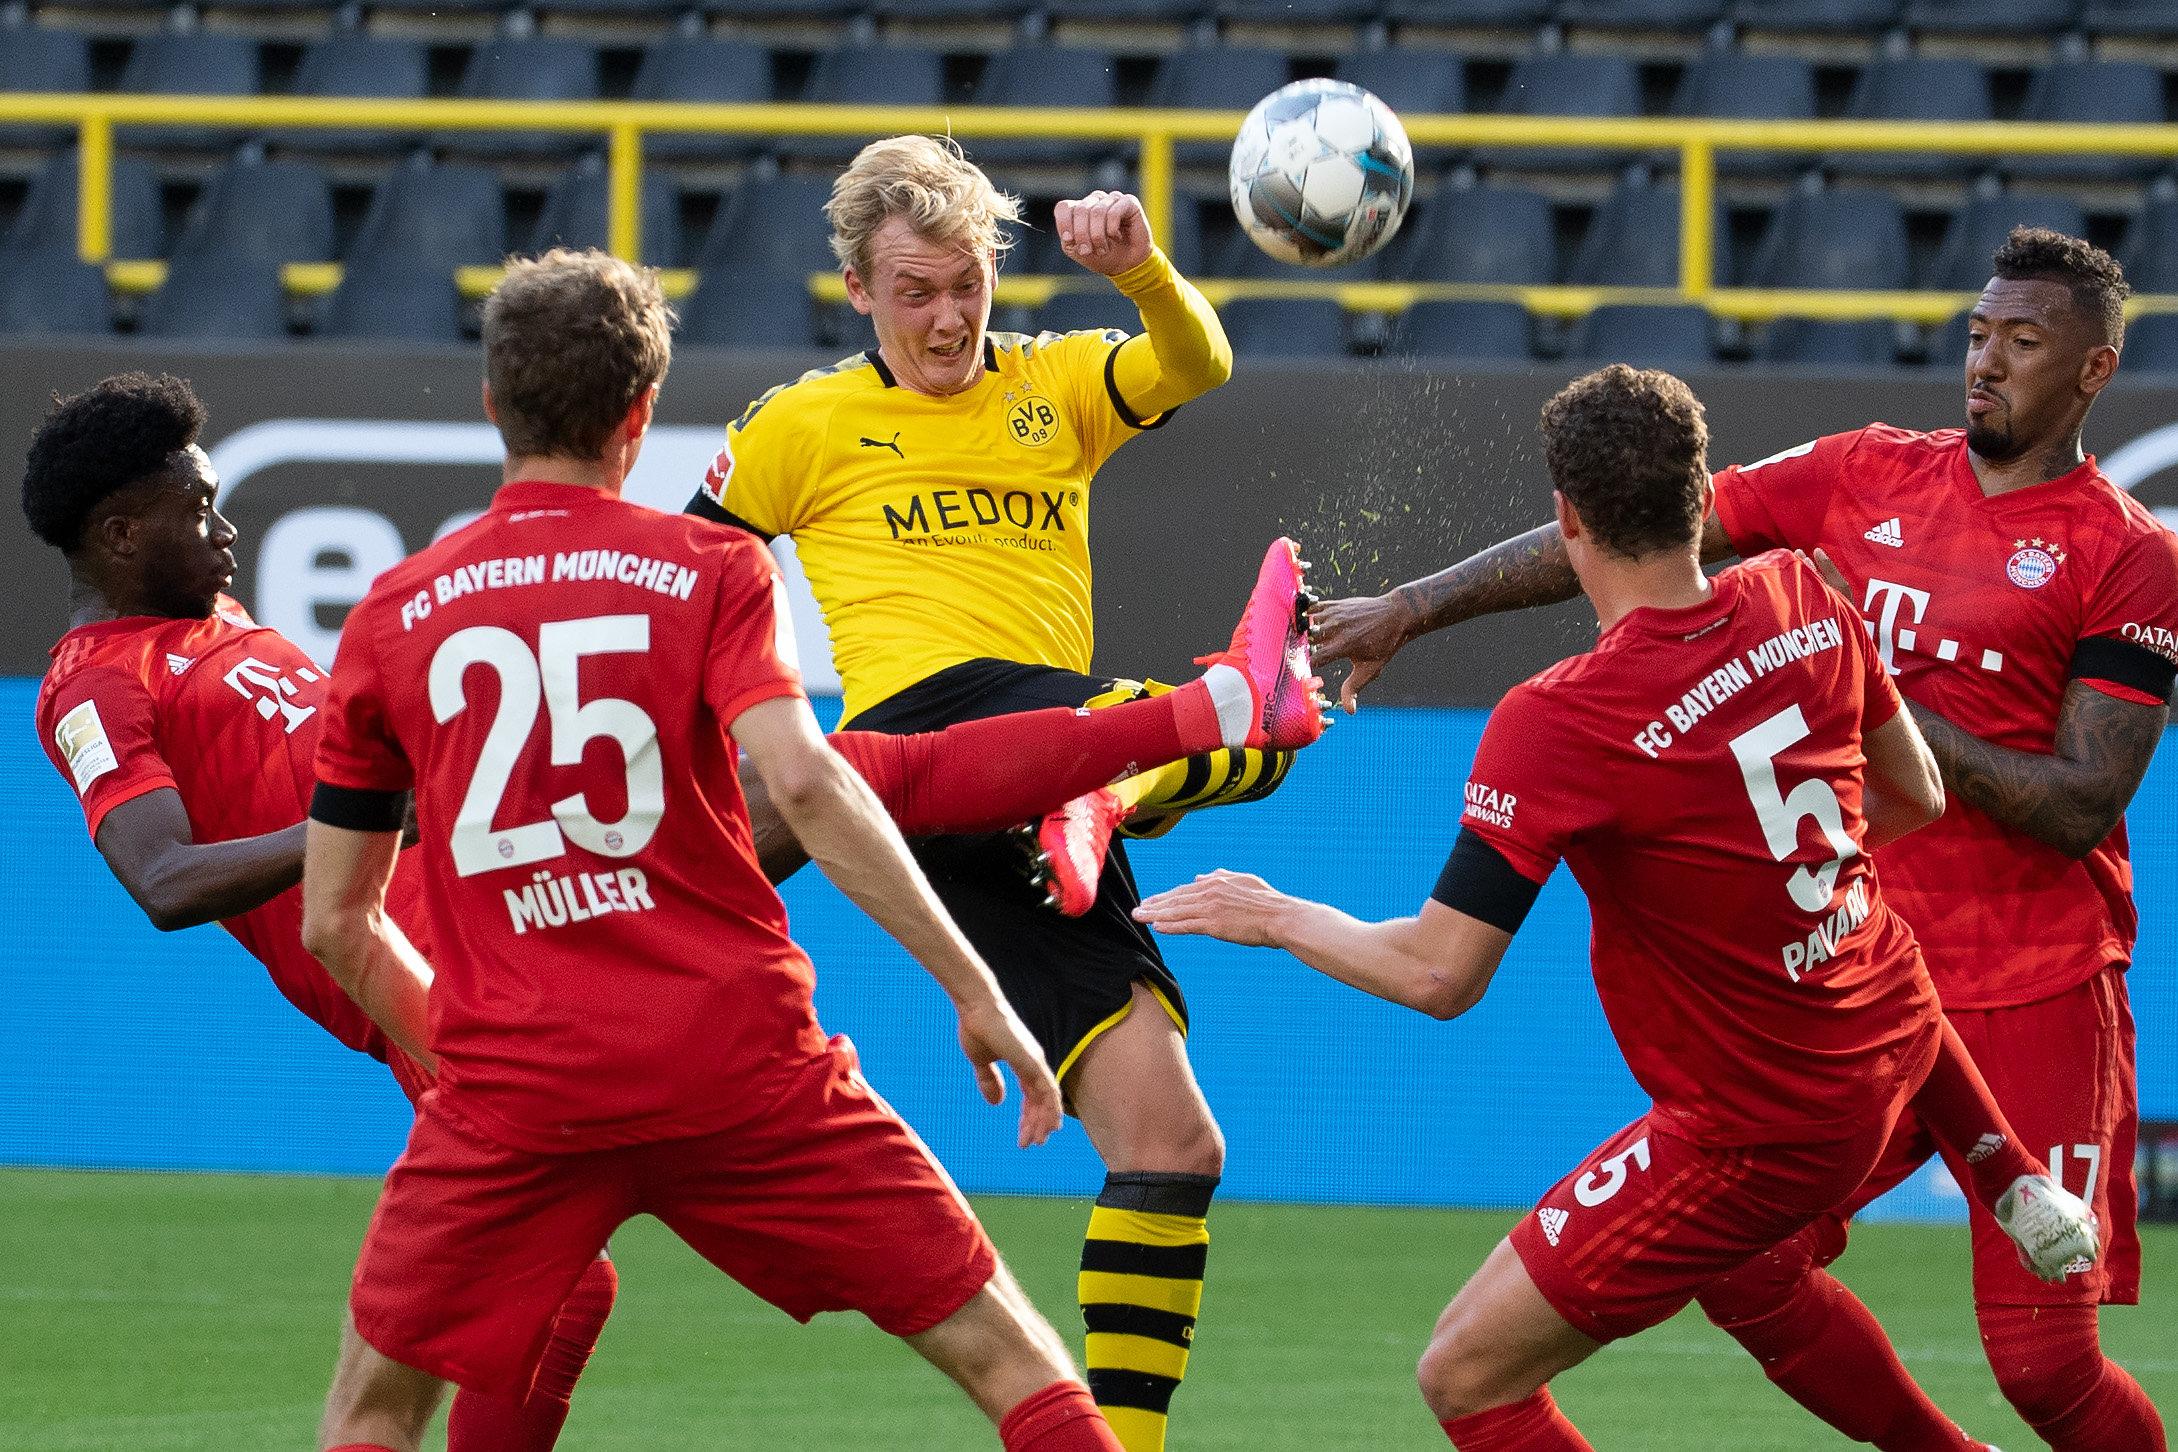 Der FC Bayern triumphierte in Dortmund und steht vor seiner achten Meisterschaft in Folge.